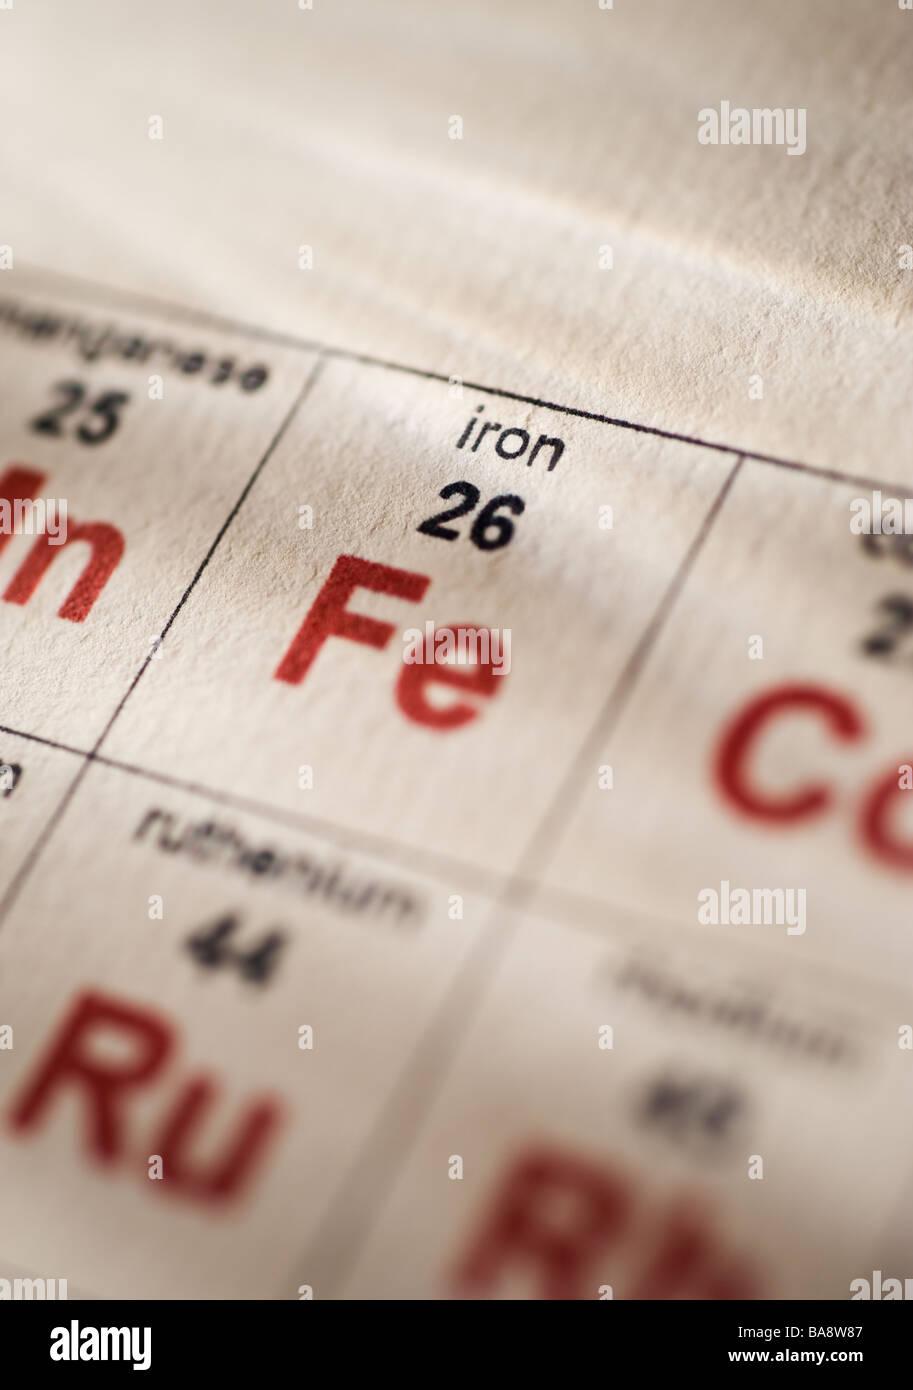 El hierro en la tabla peridica de los elementos foto imagen de el hierro en la tabla peridica de los elementos urtaz Choice Image